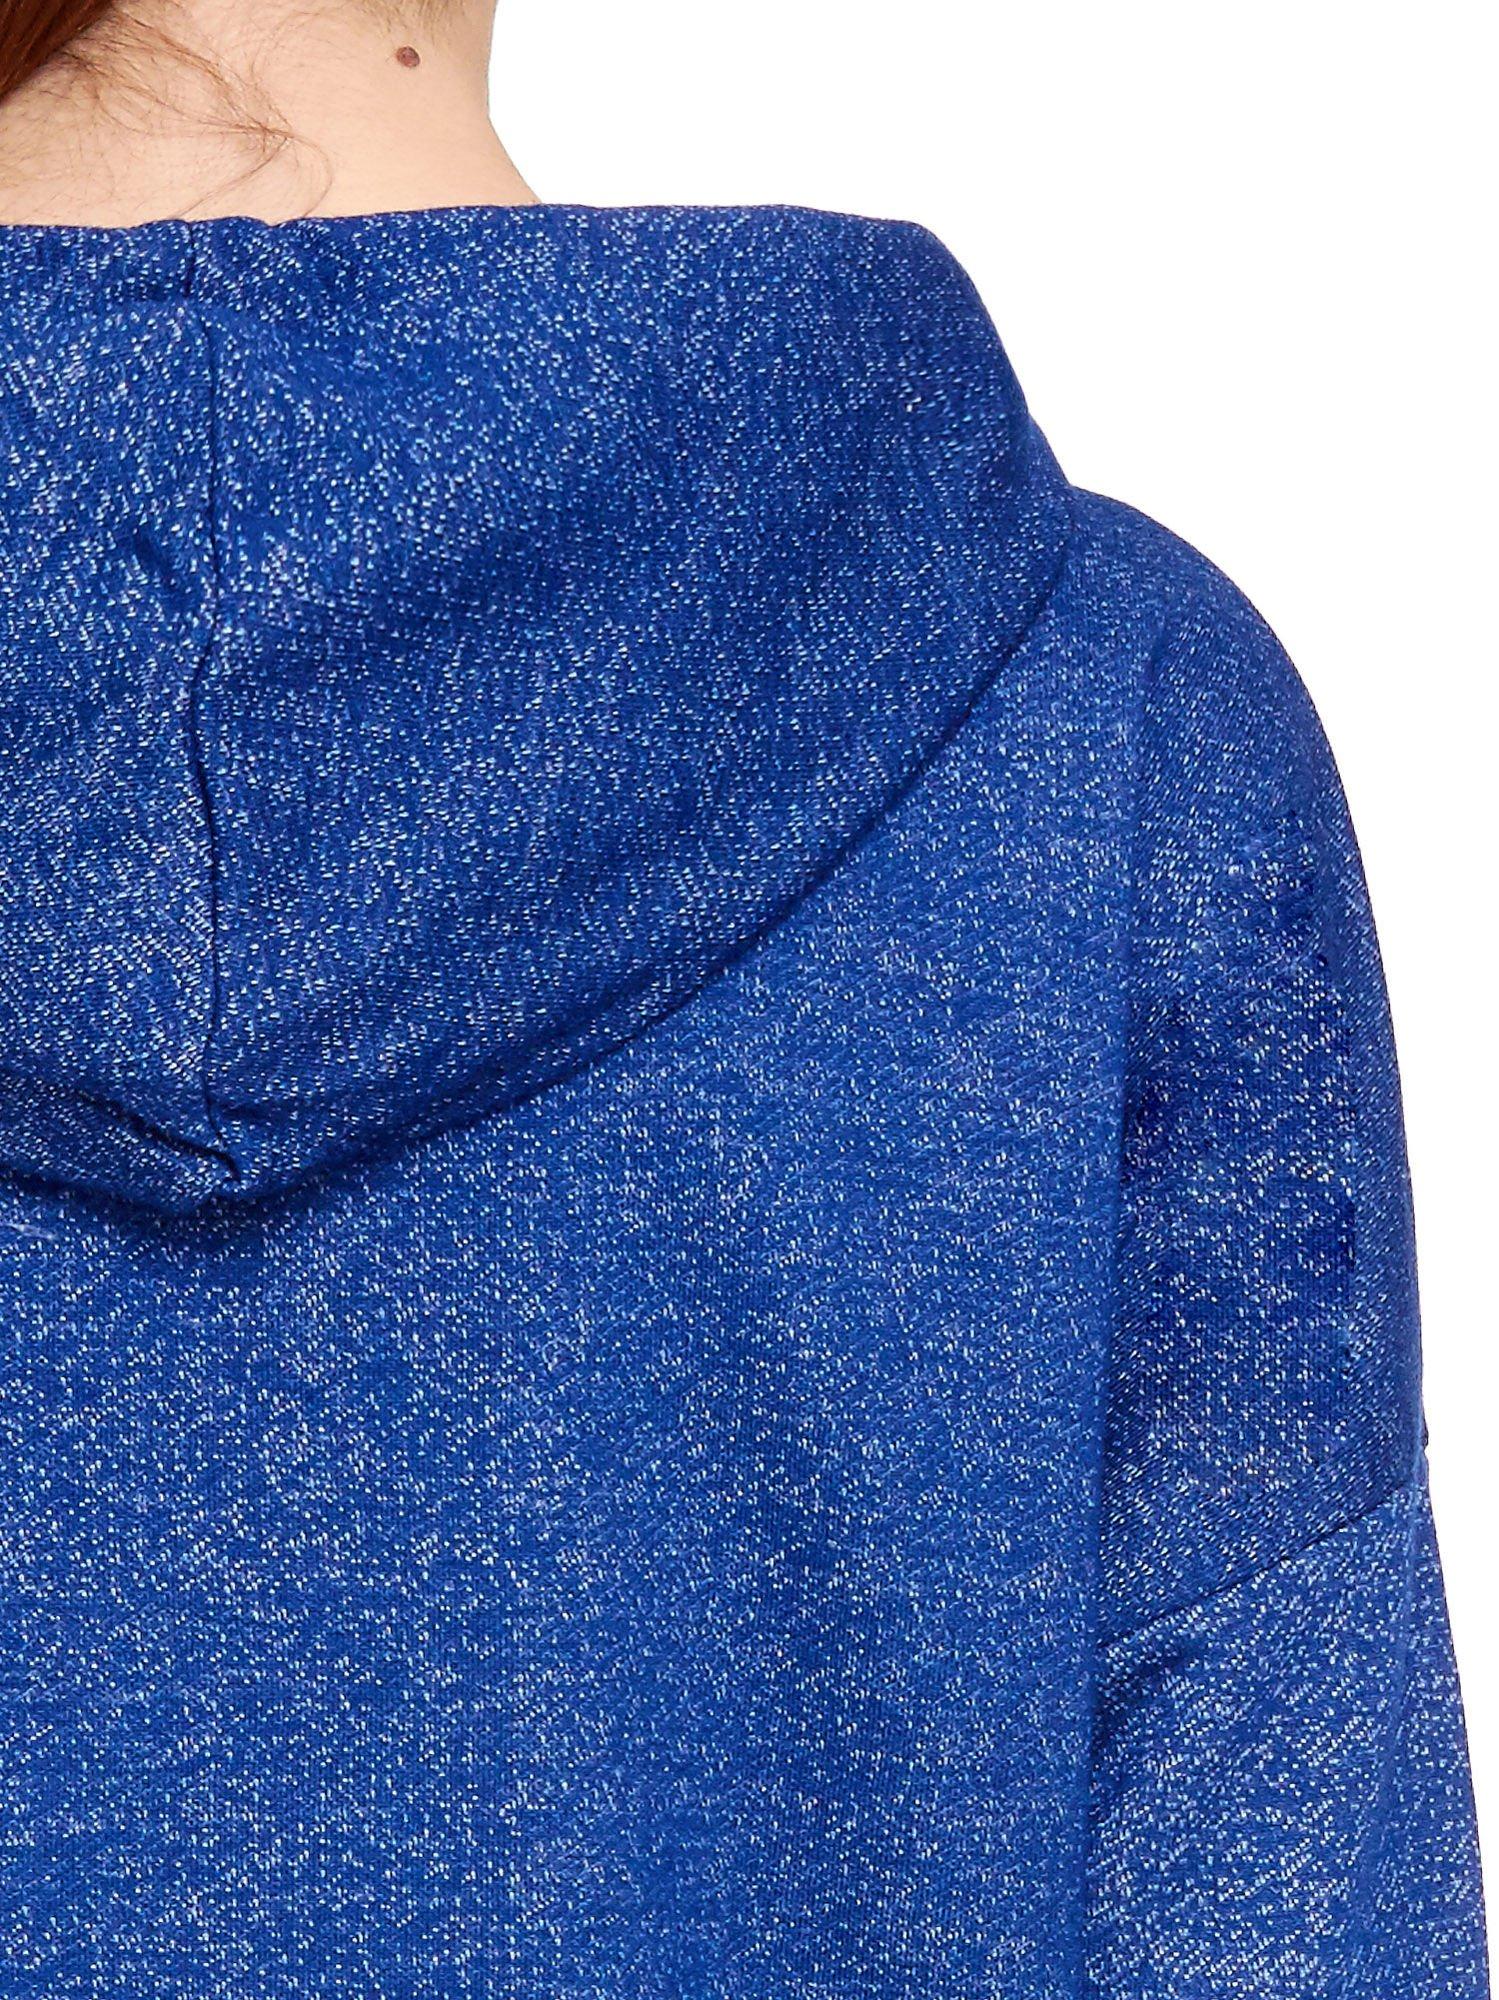 Granatowa bluza dresowa z kapturem z materiału a'la denim                                  zdj.                                  6